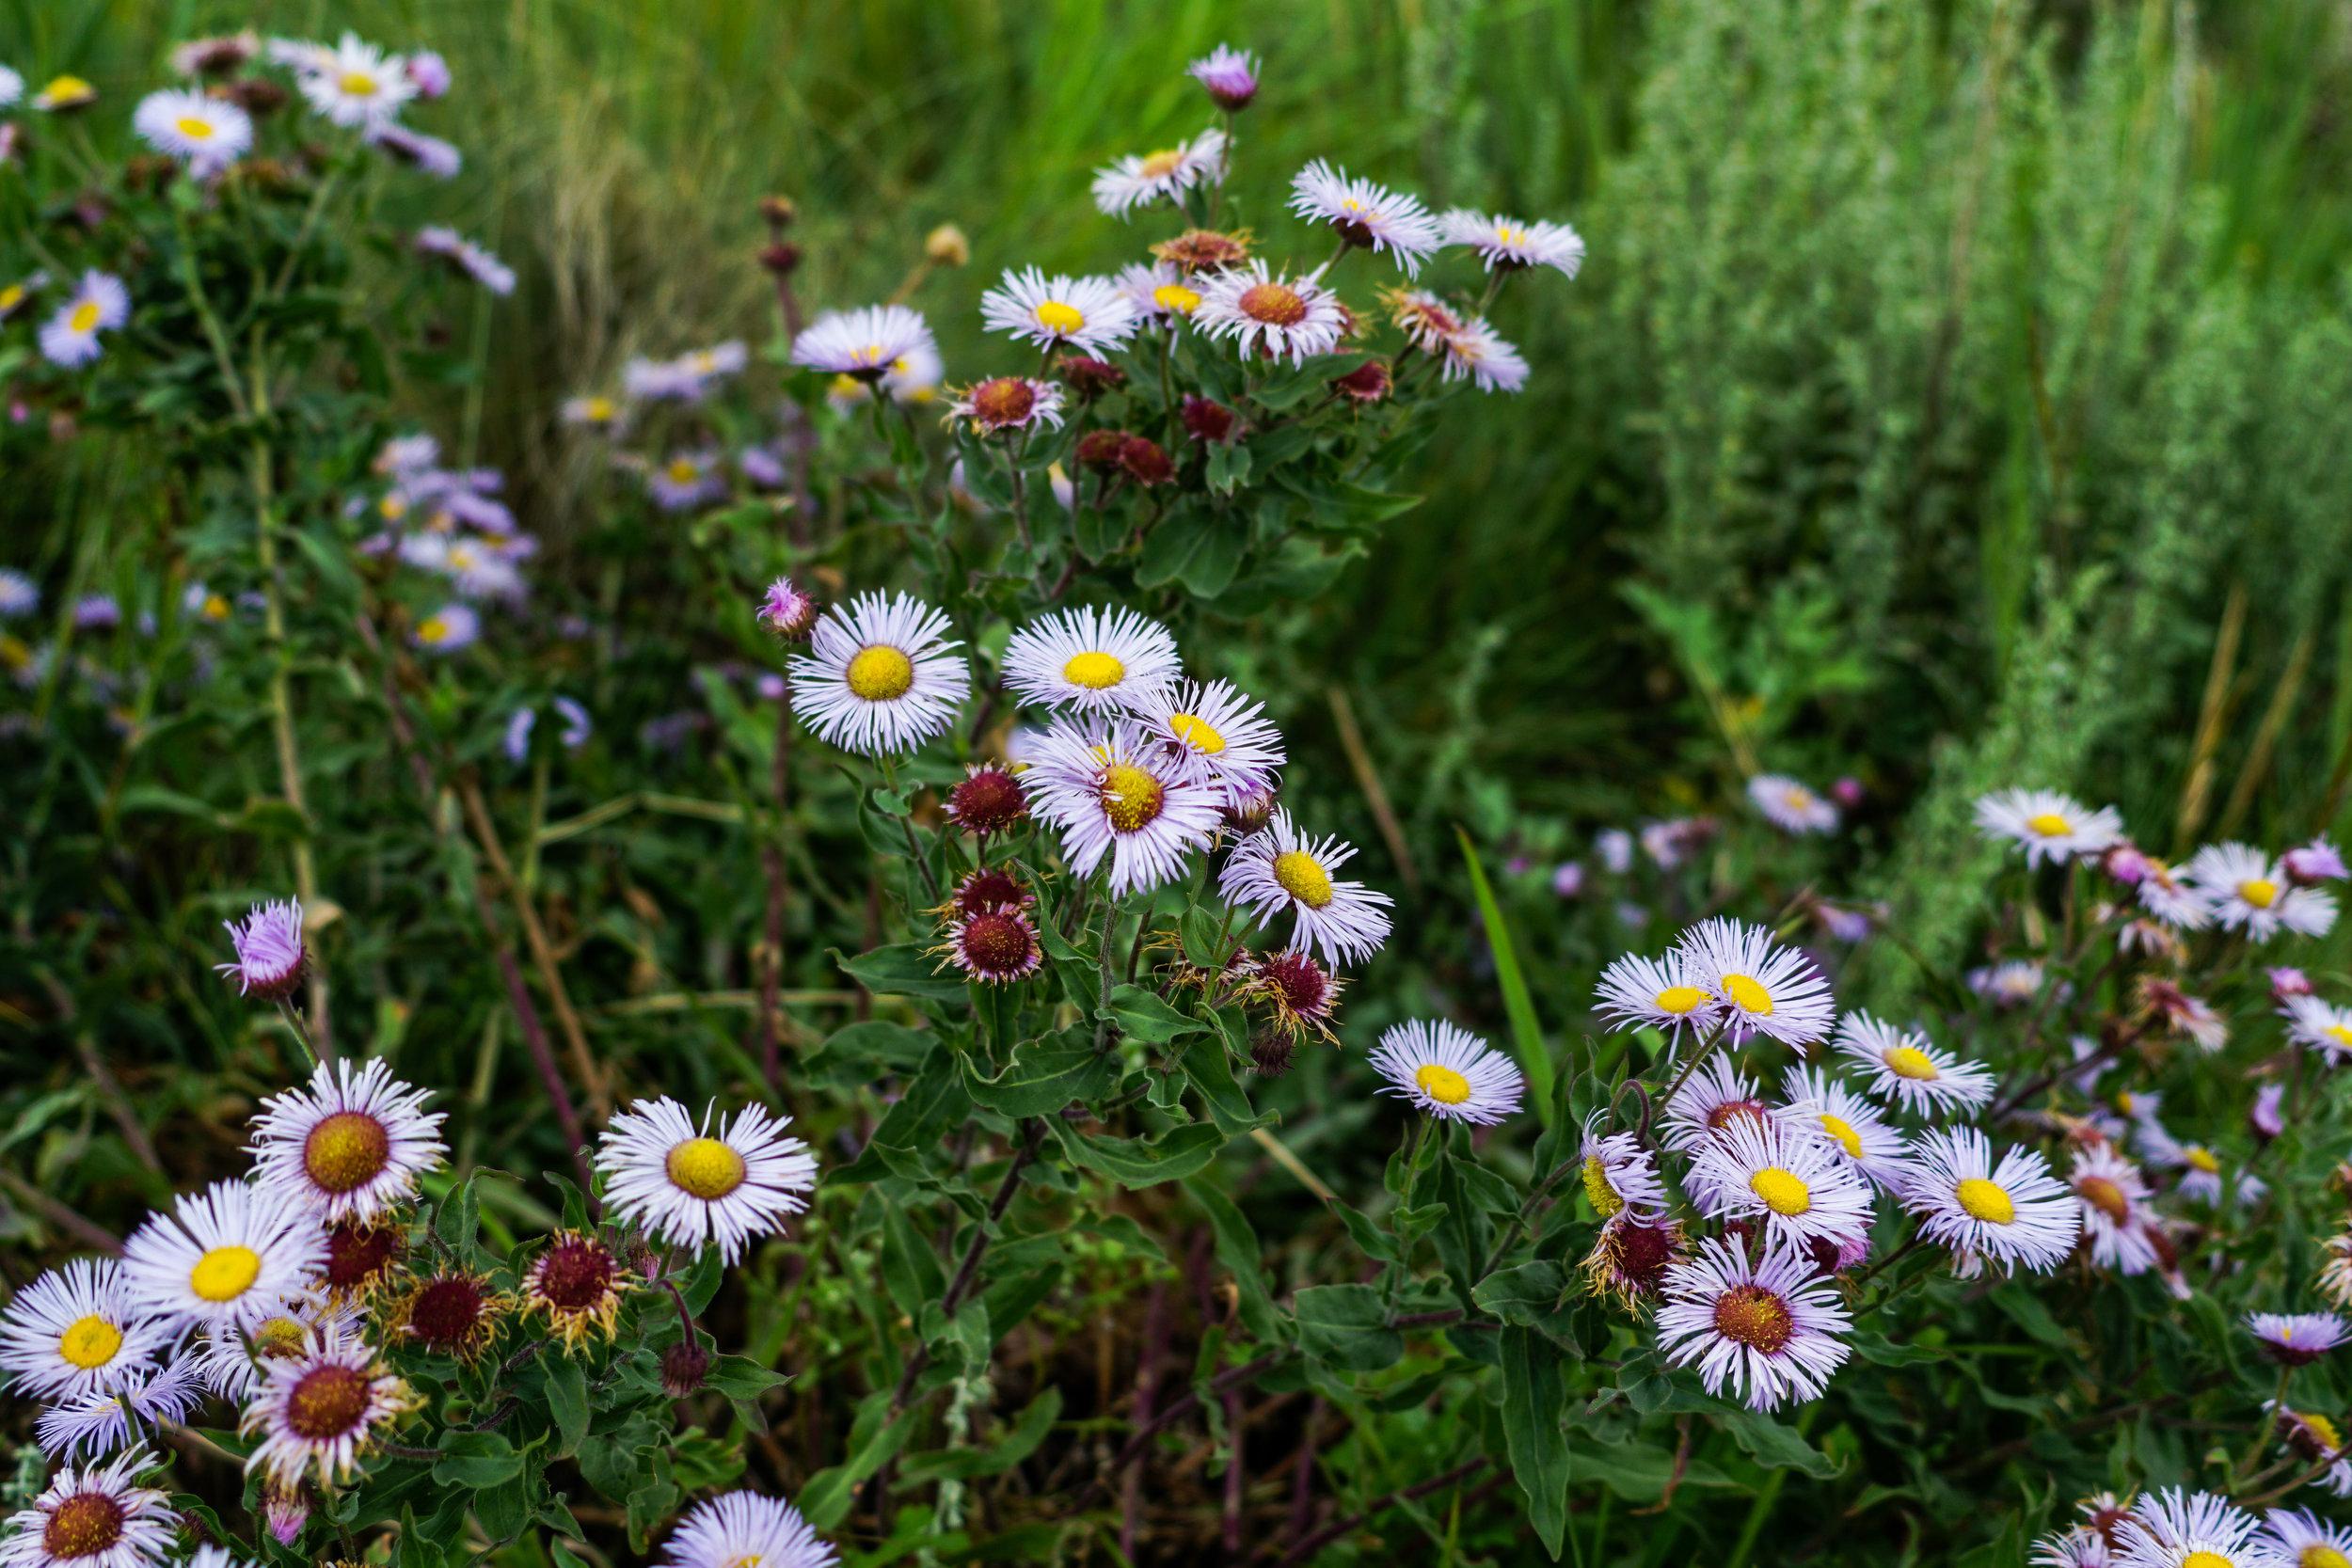 Photo Essay Ruidoso New Mexico Laura Lawson Visconti